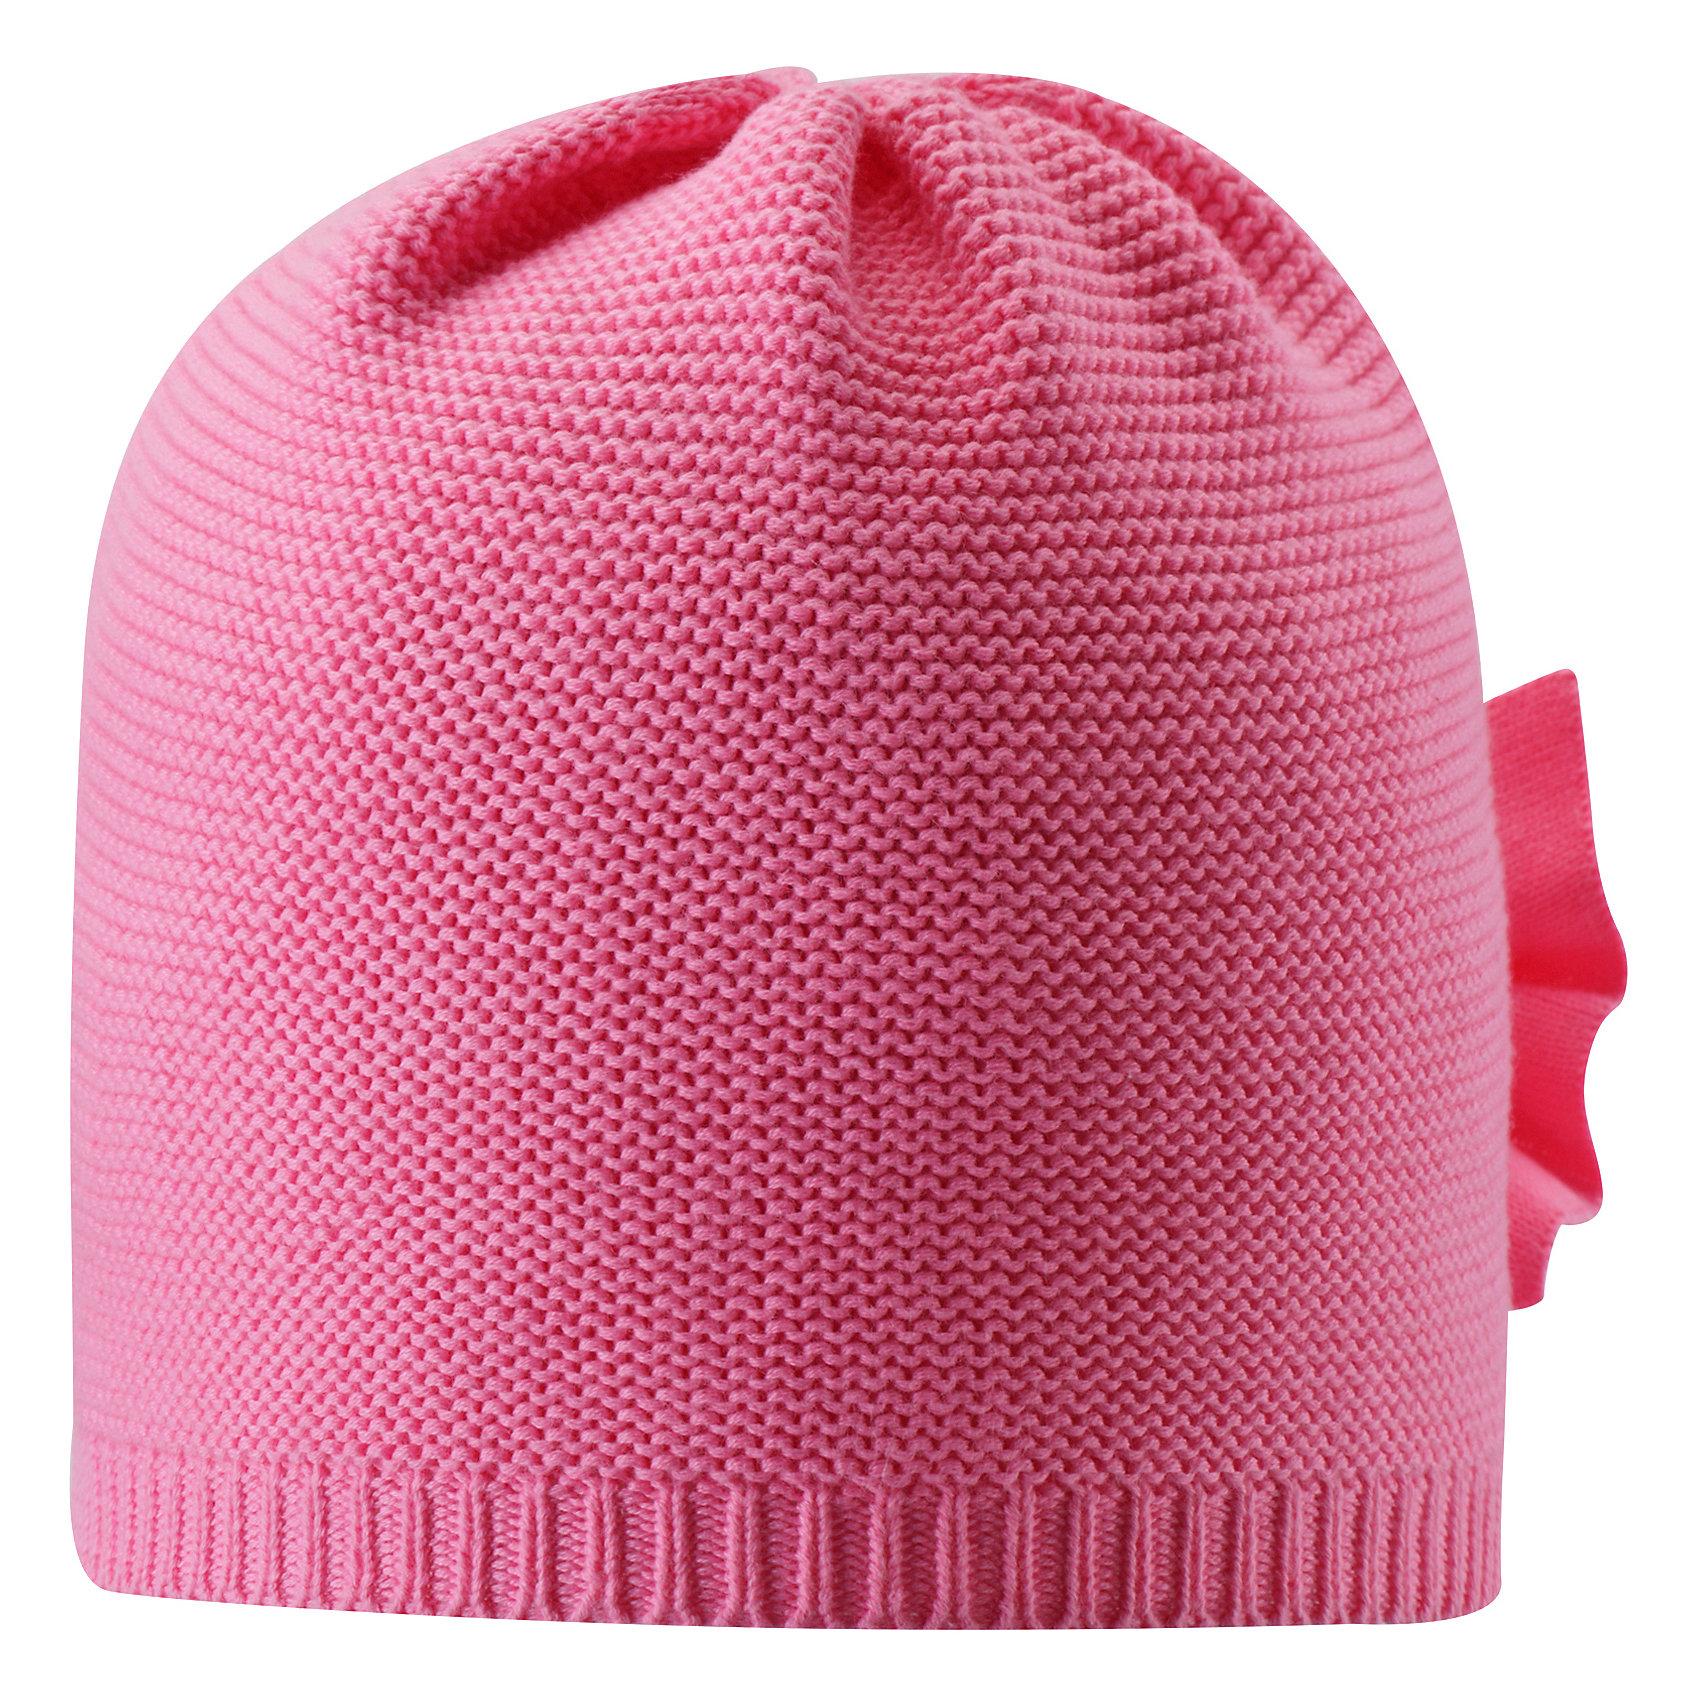 тепло картинка на шапку в магазине кофейных зерен несколько